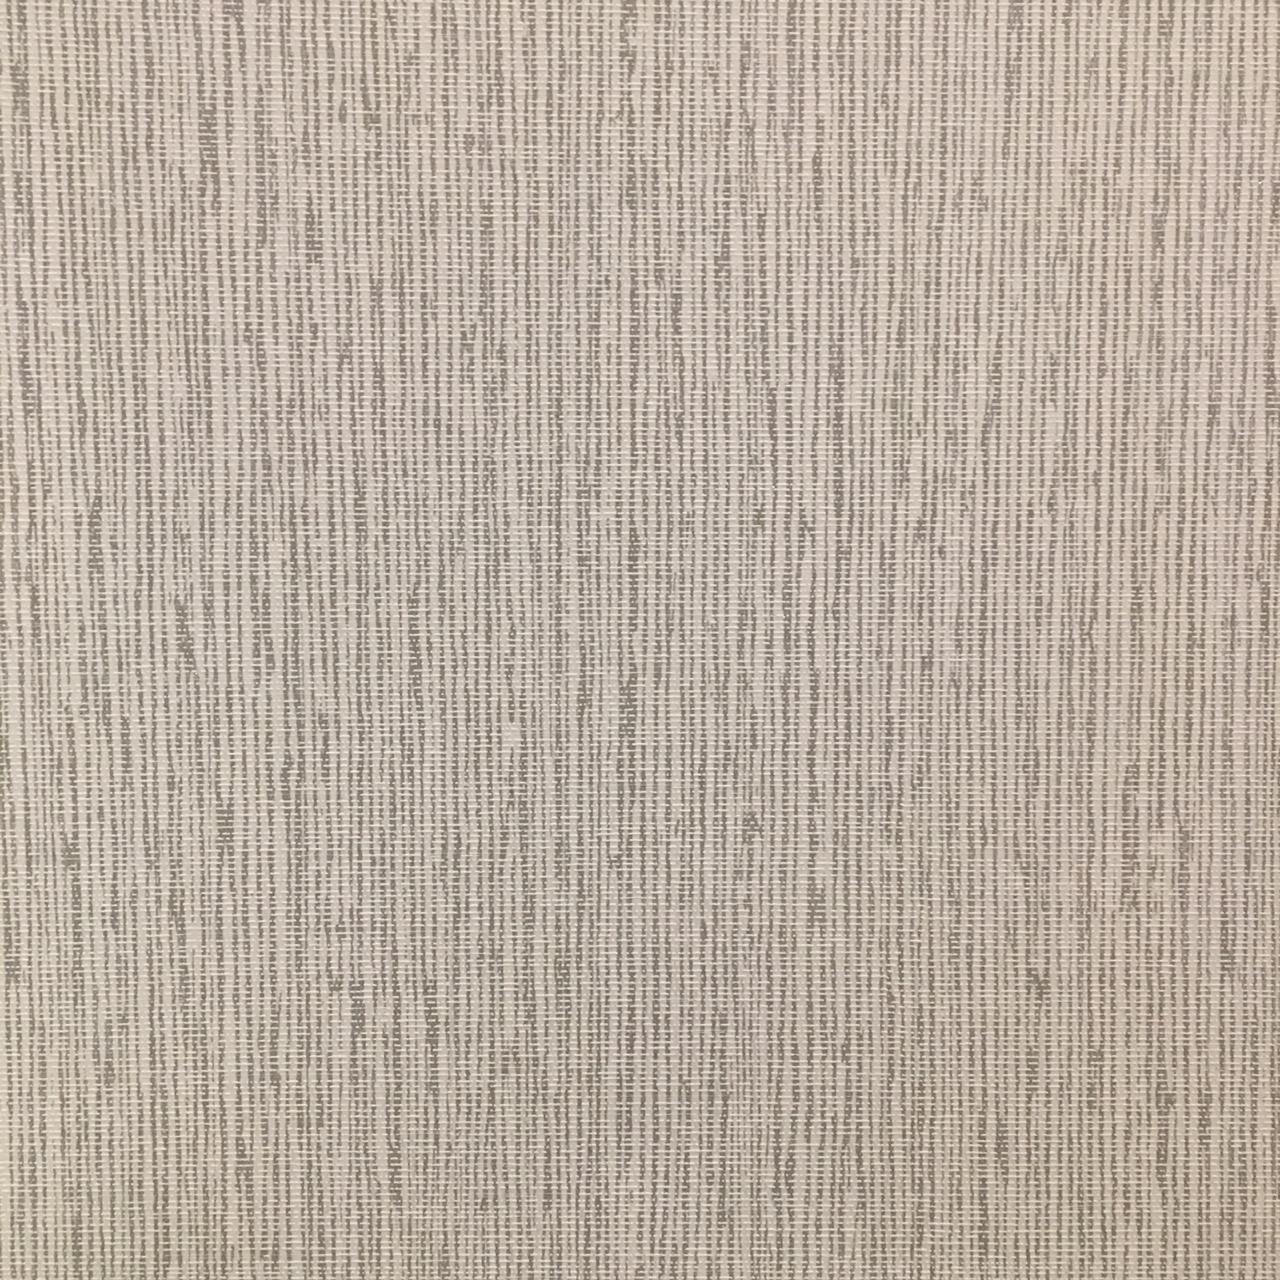 Papel de Parede Flow Aspecto Têxtil Brilhante A8020808 - Rolo: 10m x 0,53m